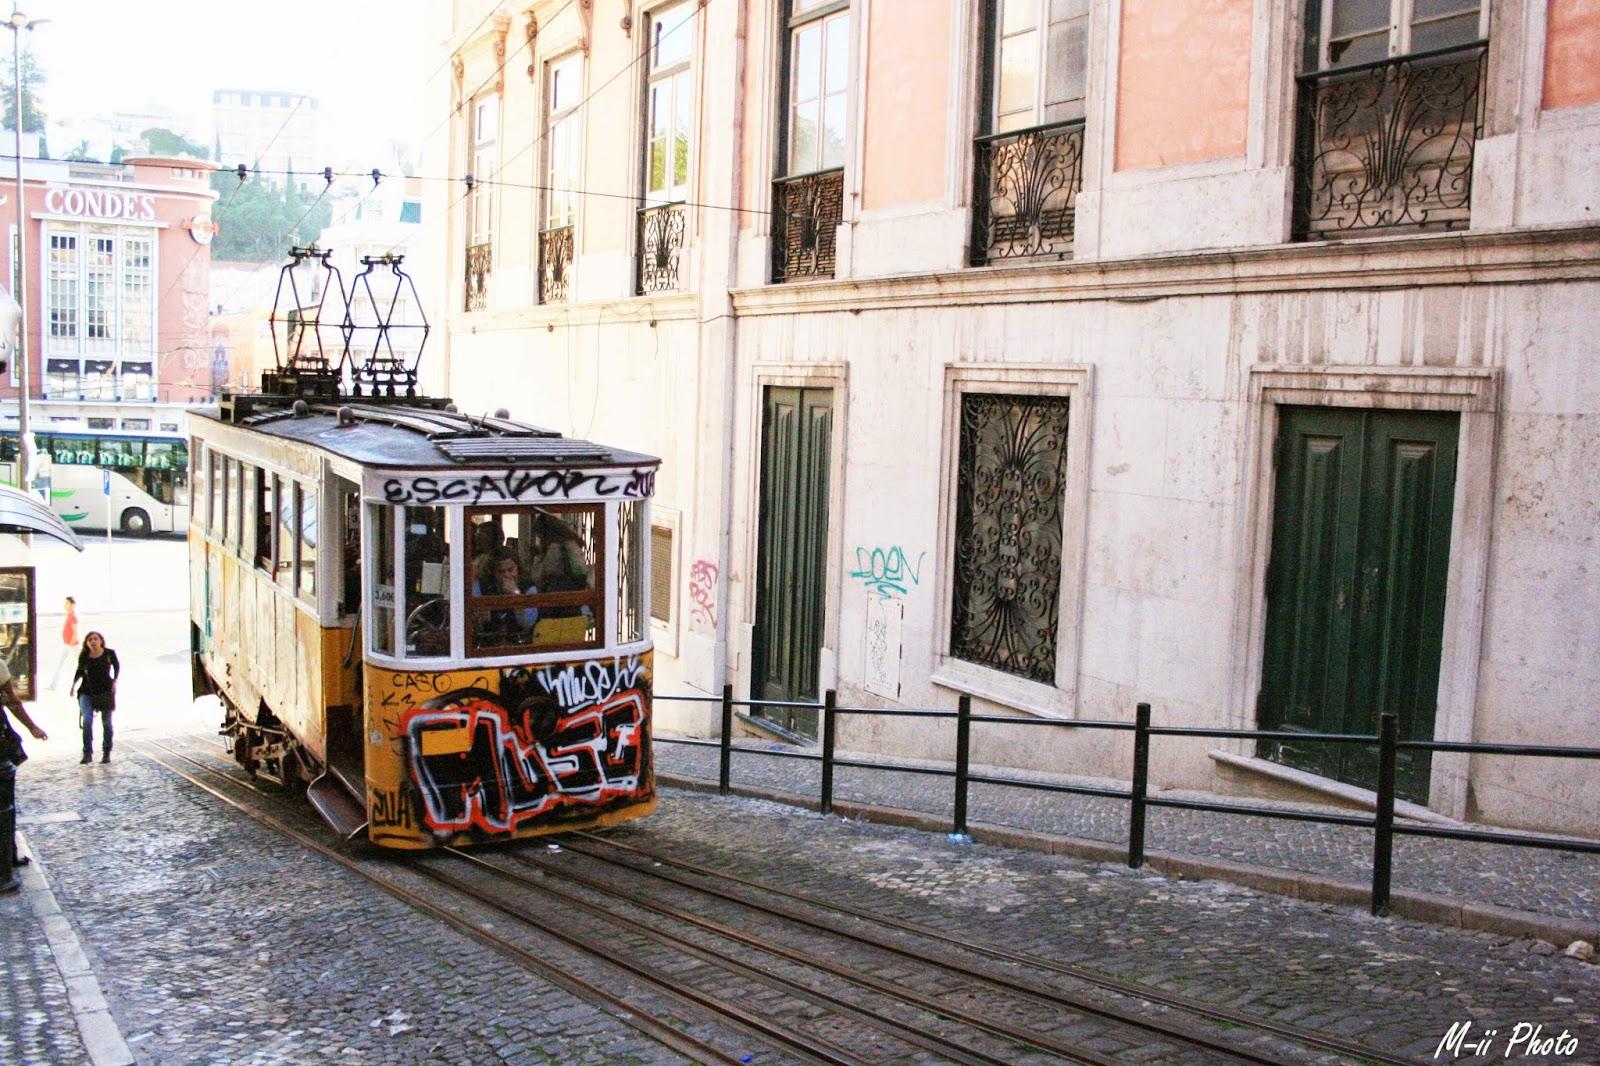 M-ii Photo : 10 choses à faire à Lisbonne Elevator da Gloria - Bairro Alto